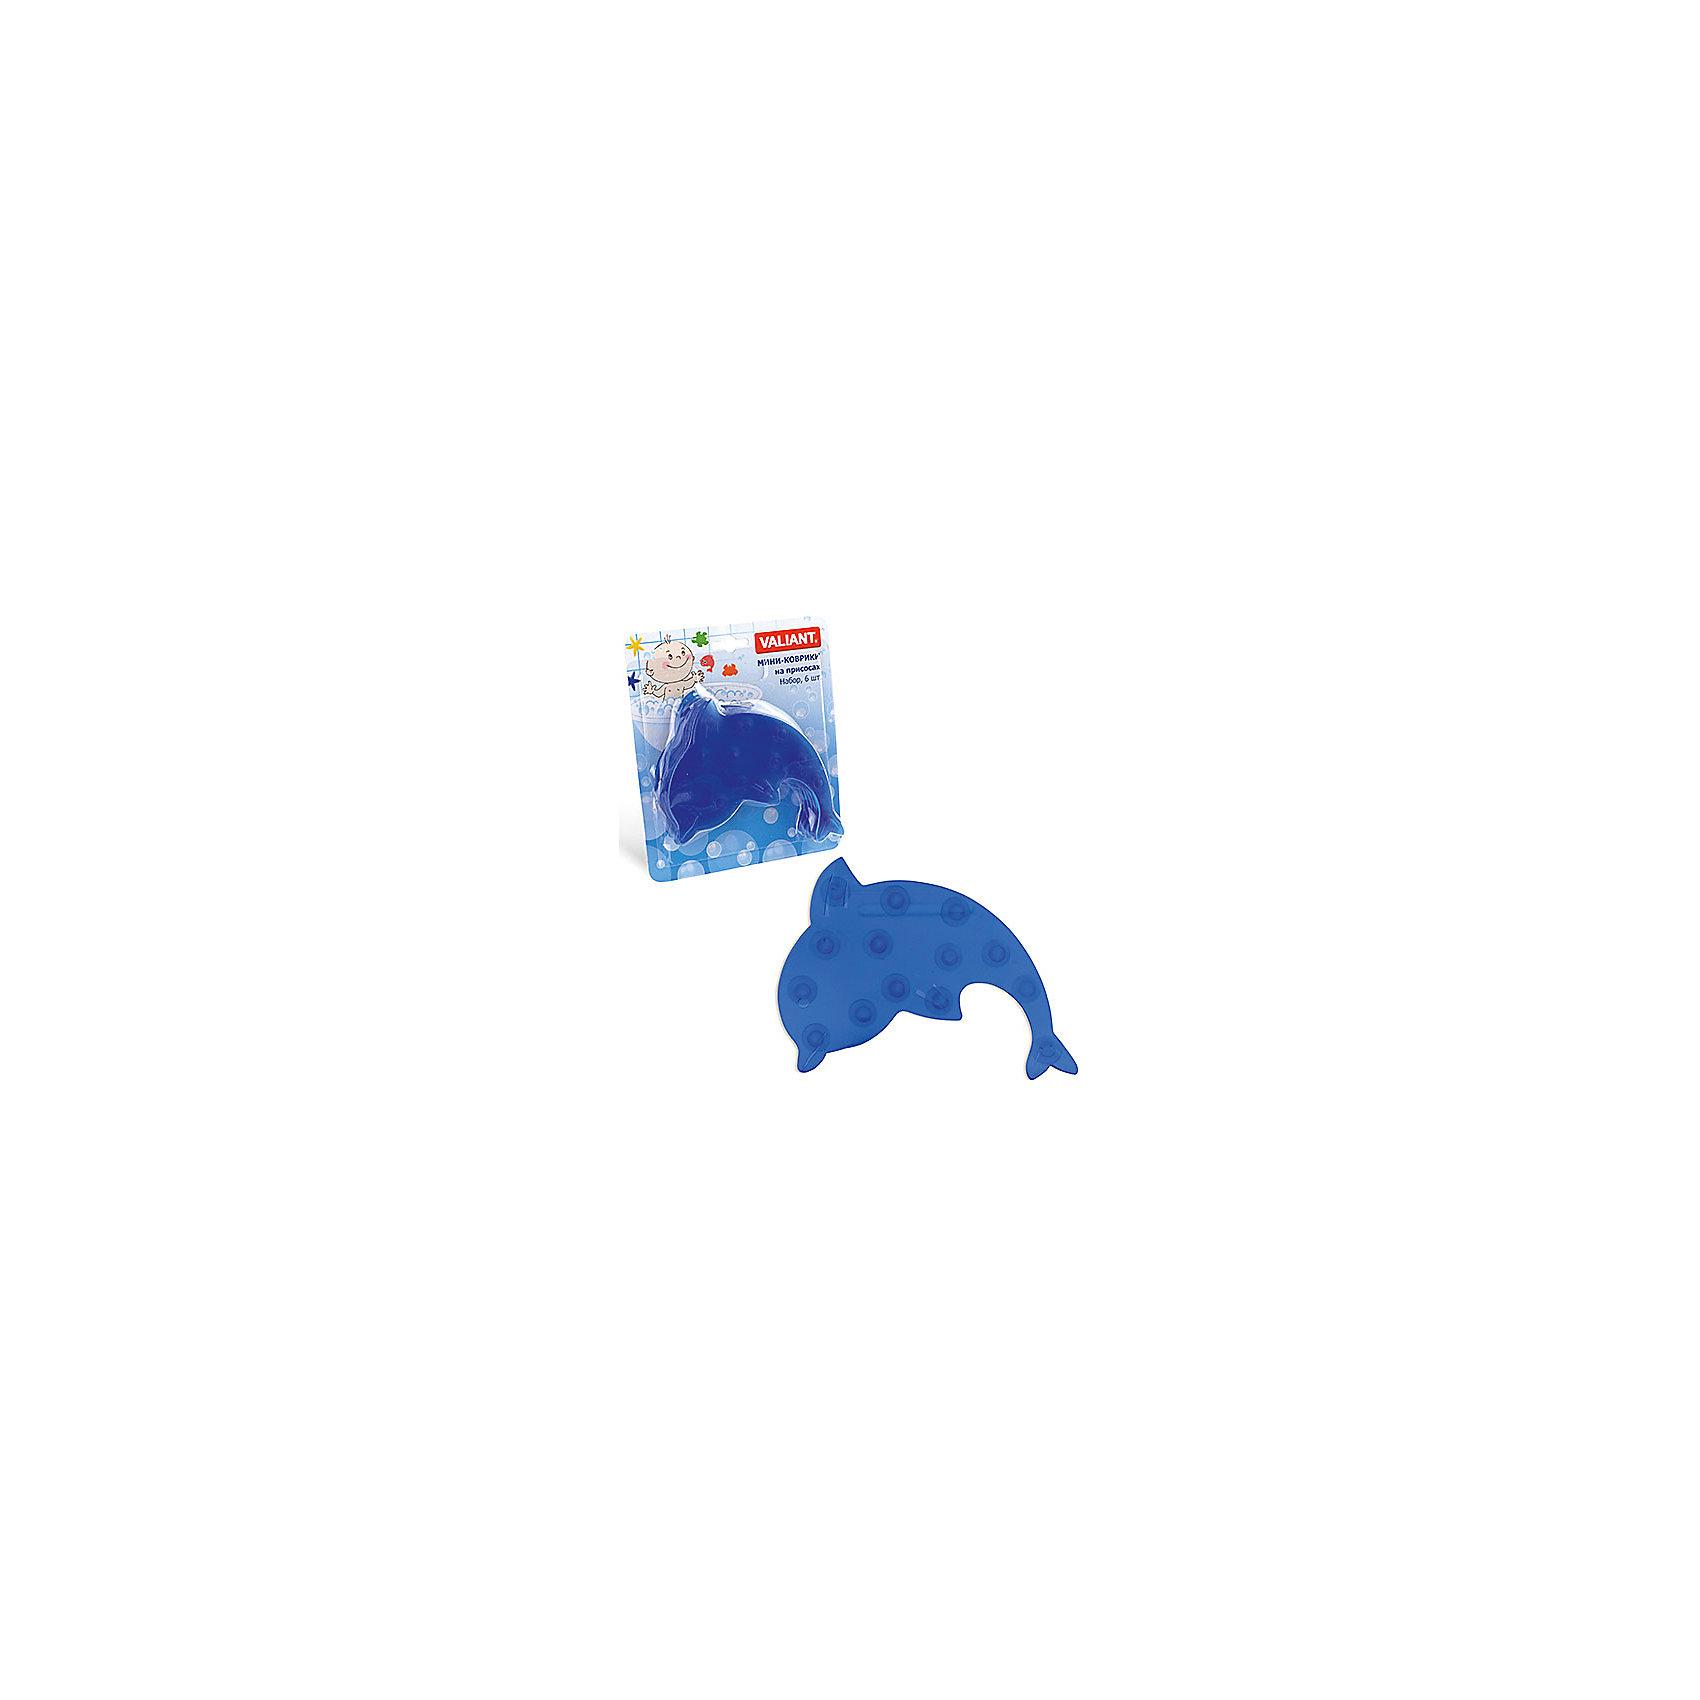 Набор ковриков Дельфин на присосках (6 шт)Мини-коврики для ванной комнаты - это яркое дополнение к купанию малыша. Это и игра и развитие моторики и изучение зверушек. <br>Колоссальный и постоянно растущий спрос на них обусловлен реакцией малышей и их мам на данное изобретение по всему миру.<br>Мини-коврики снабжены присосками и превосходно клеятся на влажный кафель.<br><br>Ширина мм: 190<br>Глубина мм: 170<br>Высота мм: 40<br>Вес г: 180<br>Возраст от месяцев: -2147483648<br>Возраст до месяцев: 2147483647<br>Пол: Унисекс<br>Возраст: Детский<br>SKU: 4563298